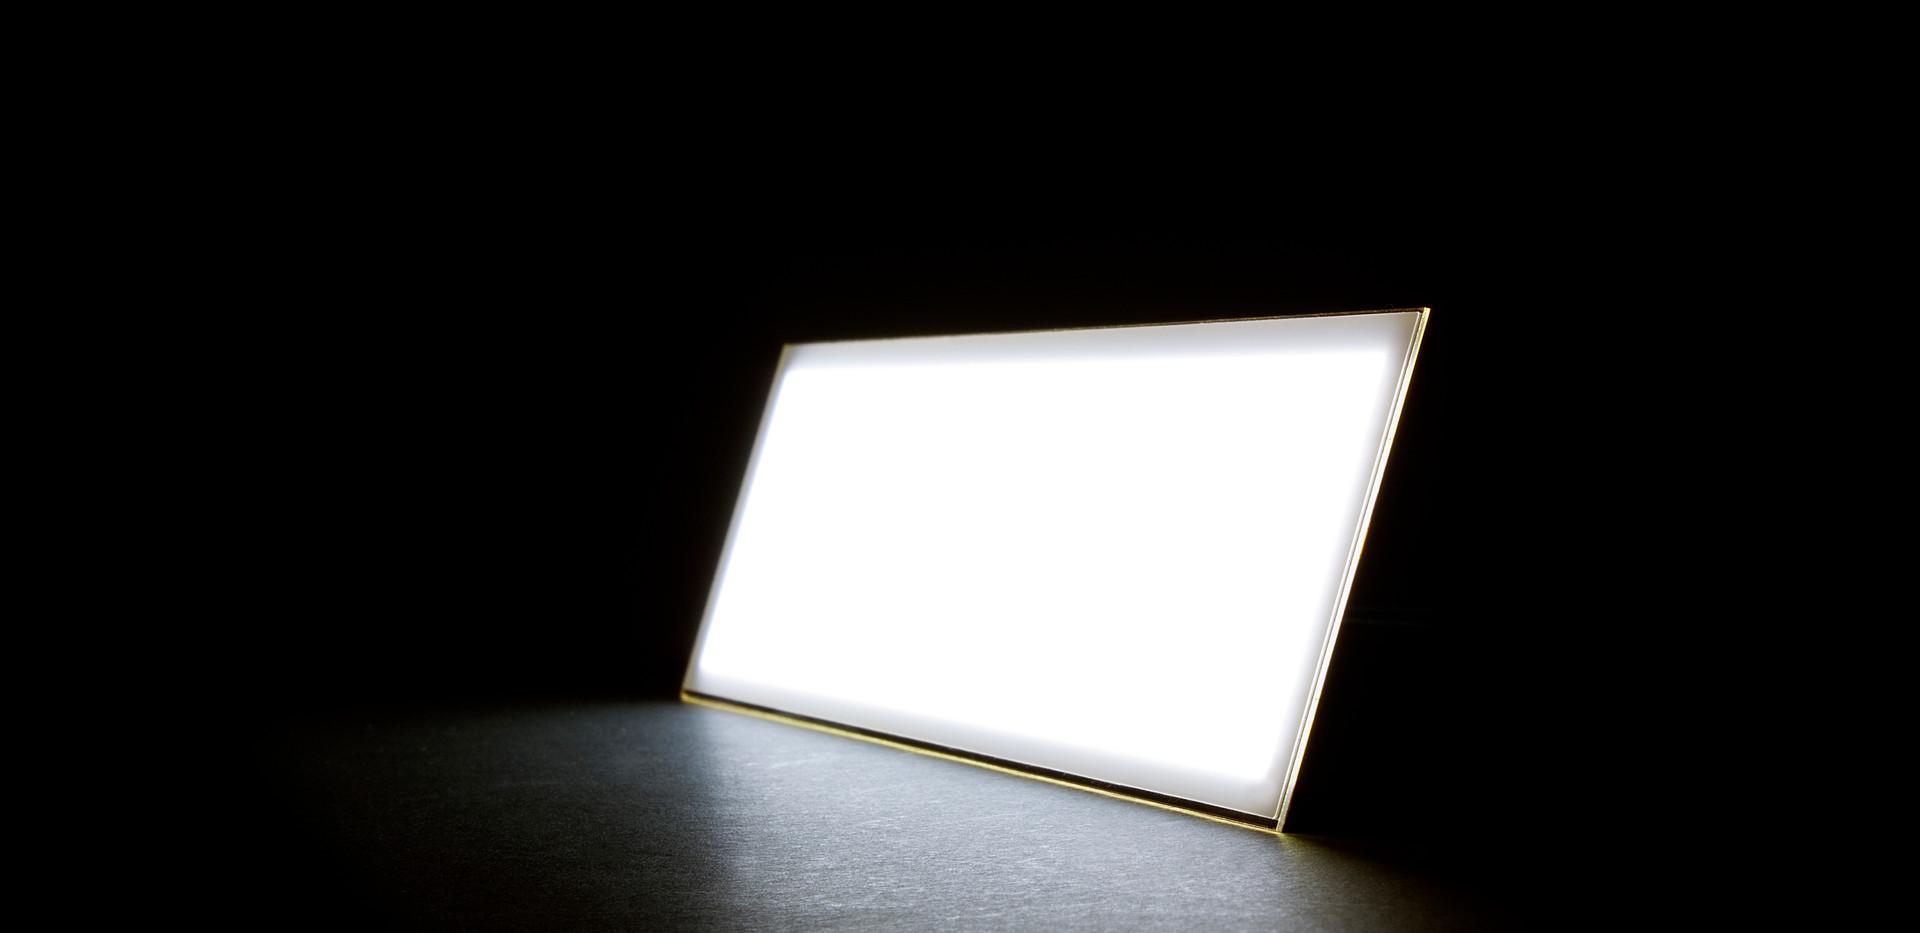 OLED from Applelec Lighting